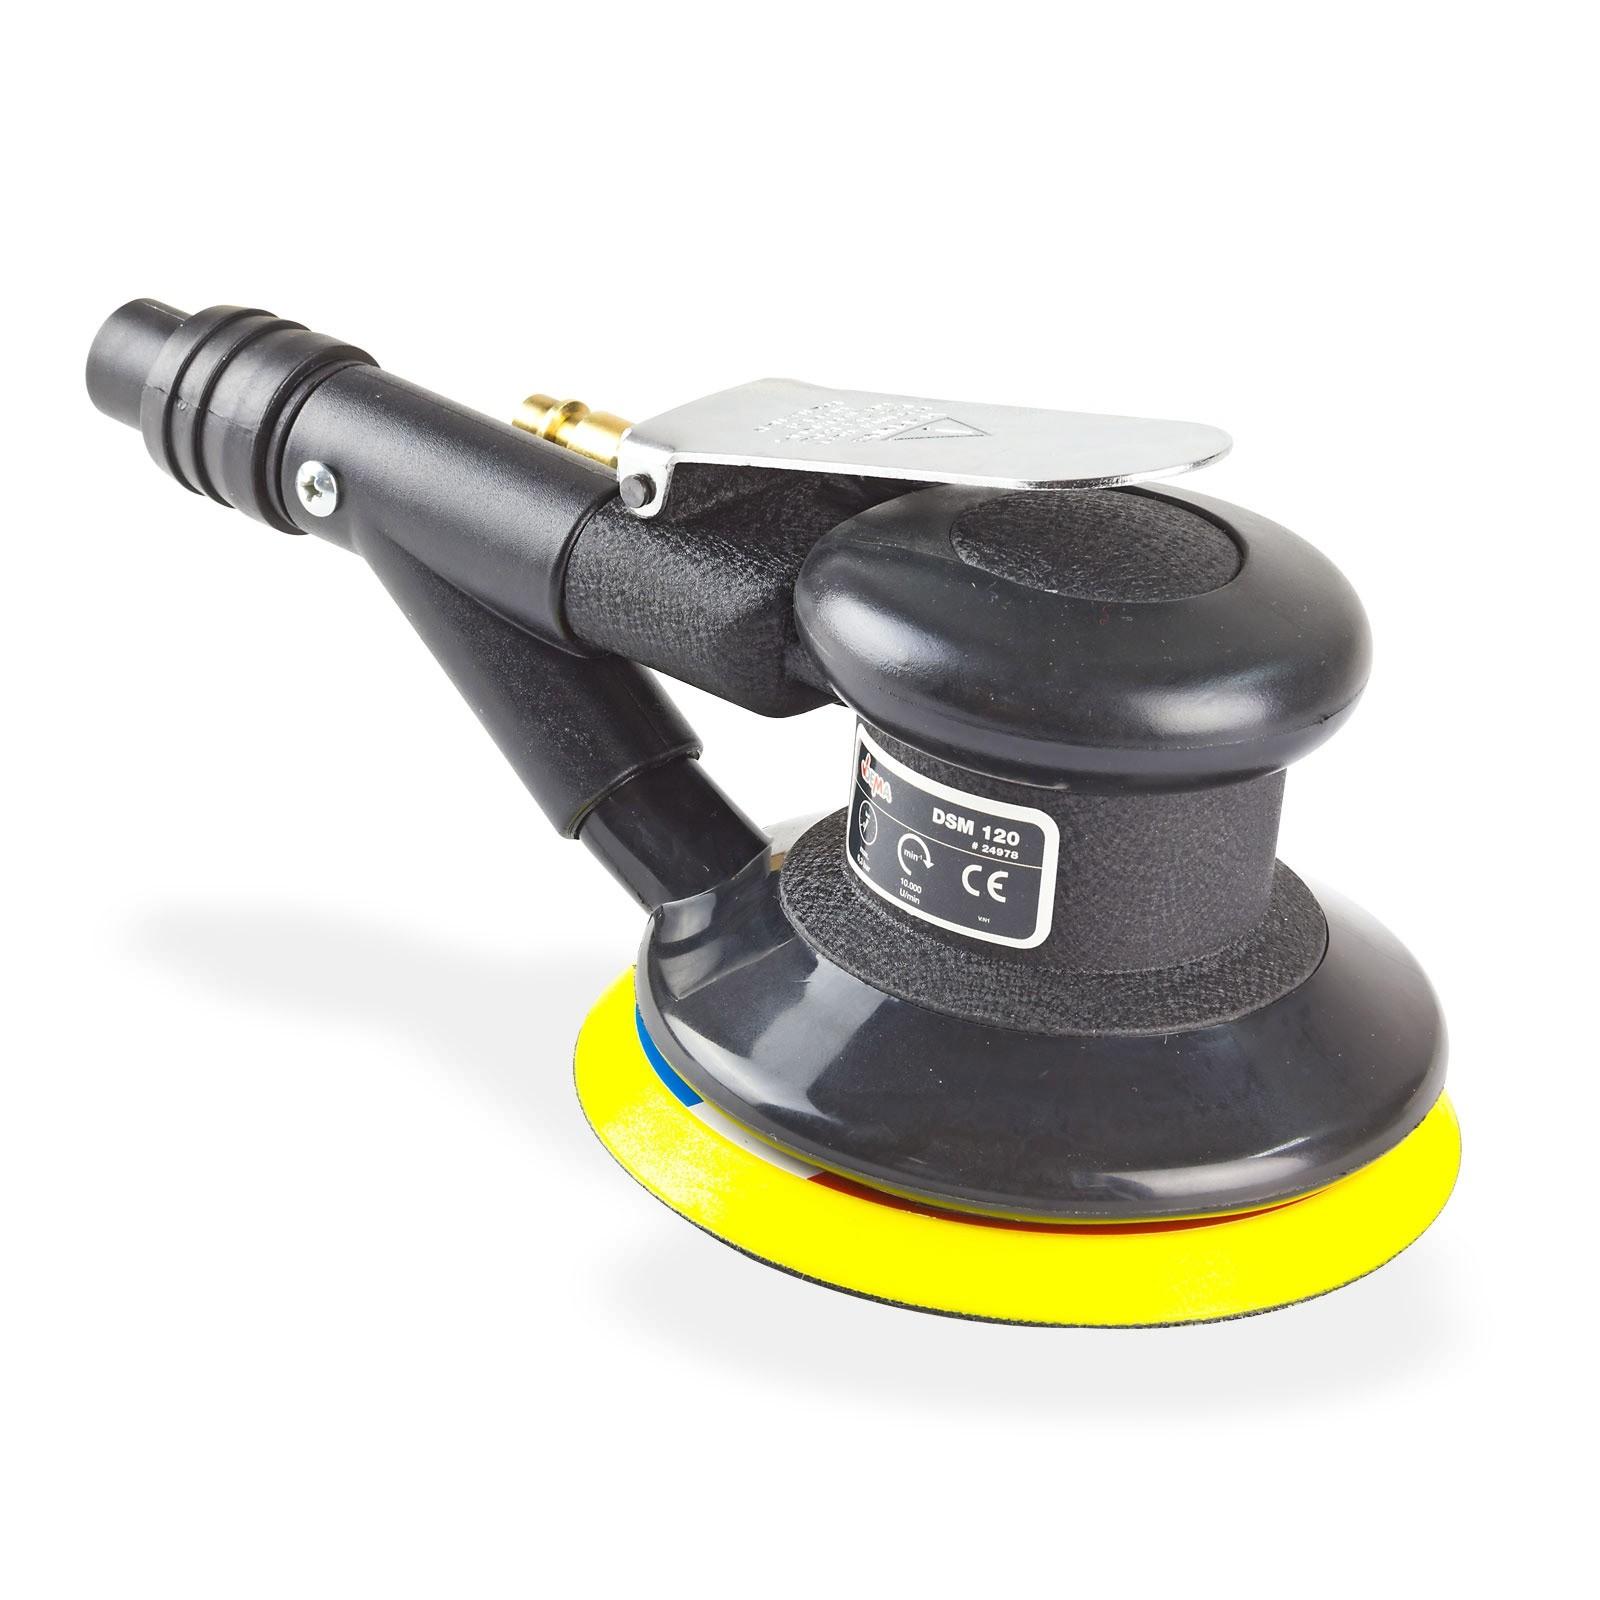 druckluft schleifmaschine exzenterschleifer schleifer 120 mit zubeh r ebay. Black Bedroom Furniture Sets. Home Design Ideas